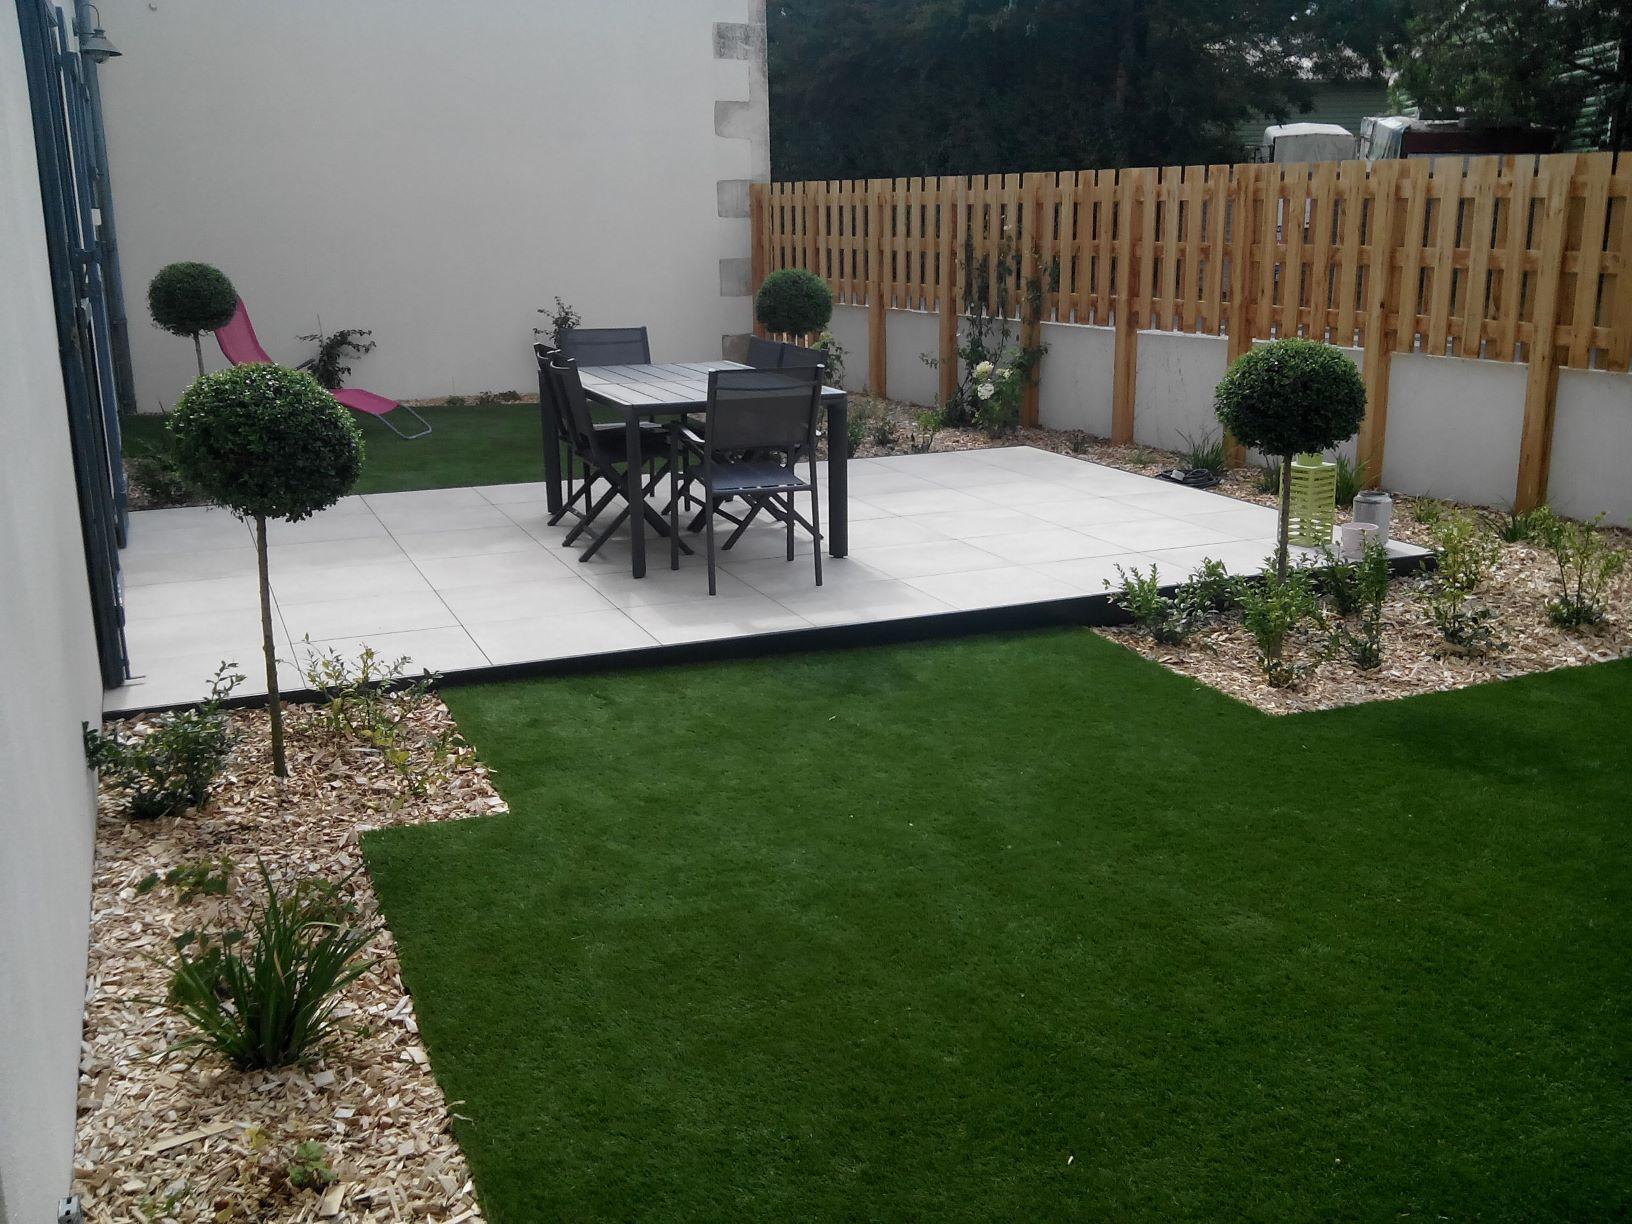 Petit extérieur de maison avec terrasse carrelée, table à manger, pelouse et parterres avec plantes et arbustes